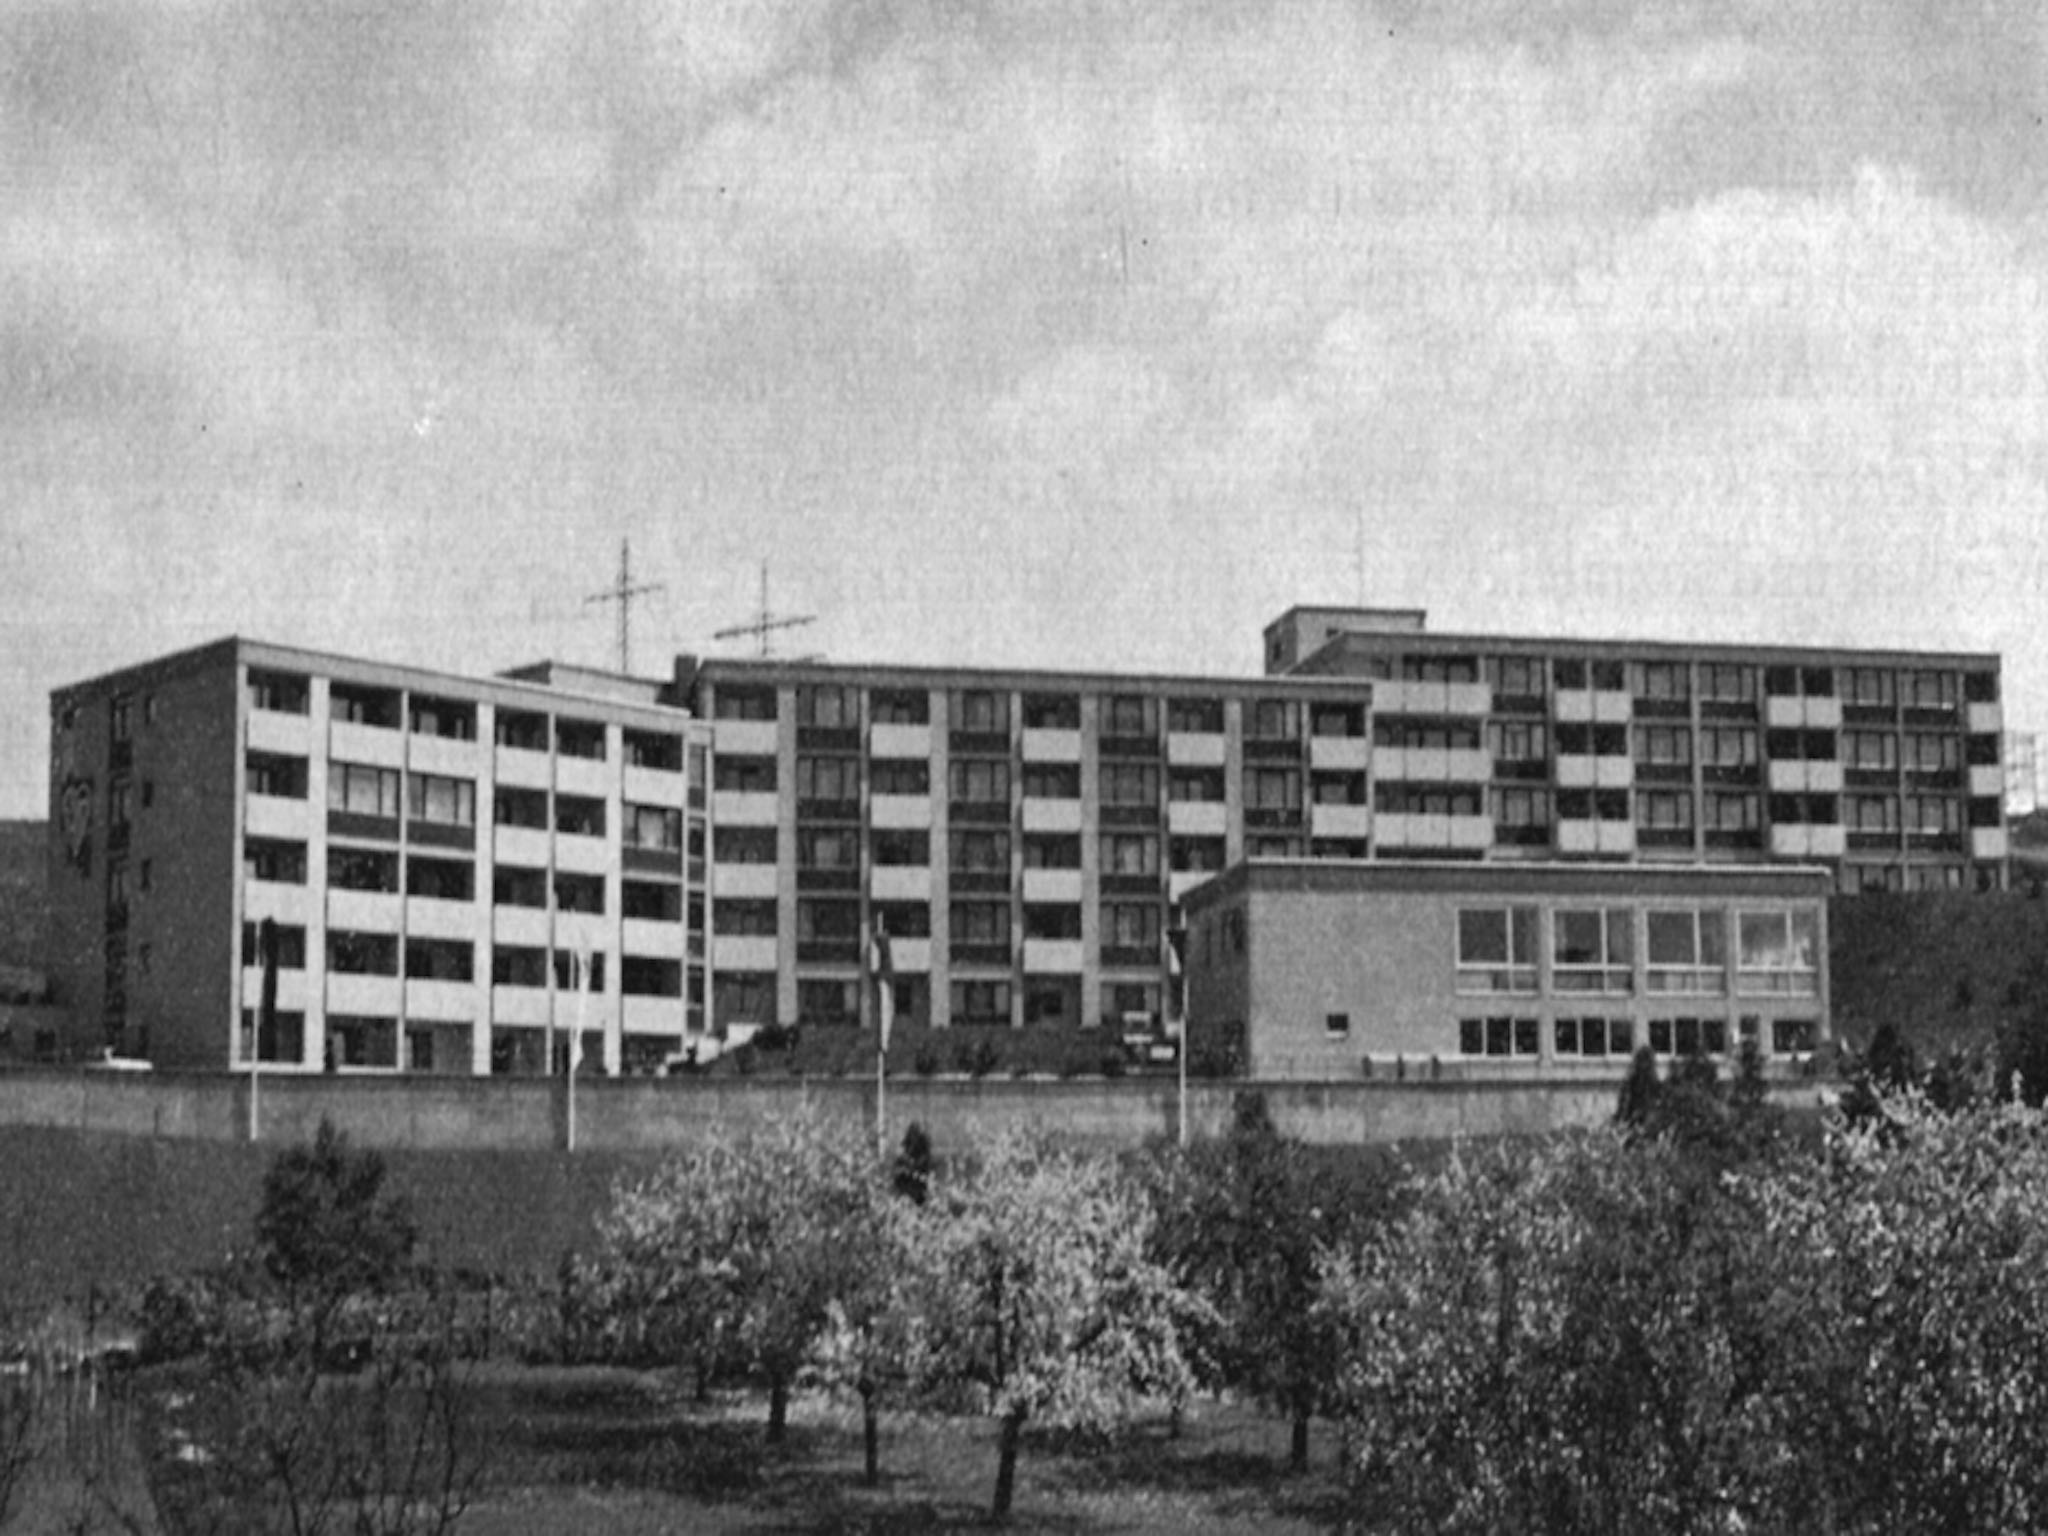 Das 1974 errichtete AWO-Seniorenheim Marie-Juchacz-Haus, heute Hans-Sponsel-Haus in der Lindleinsmühle. Foto: Archiv AWO Unterfranken